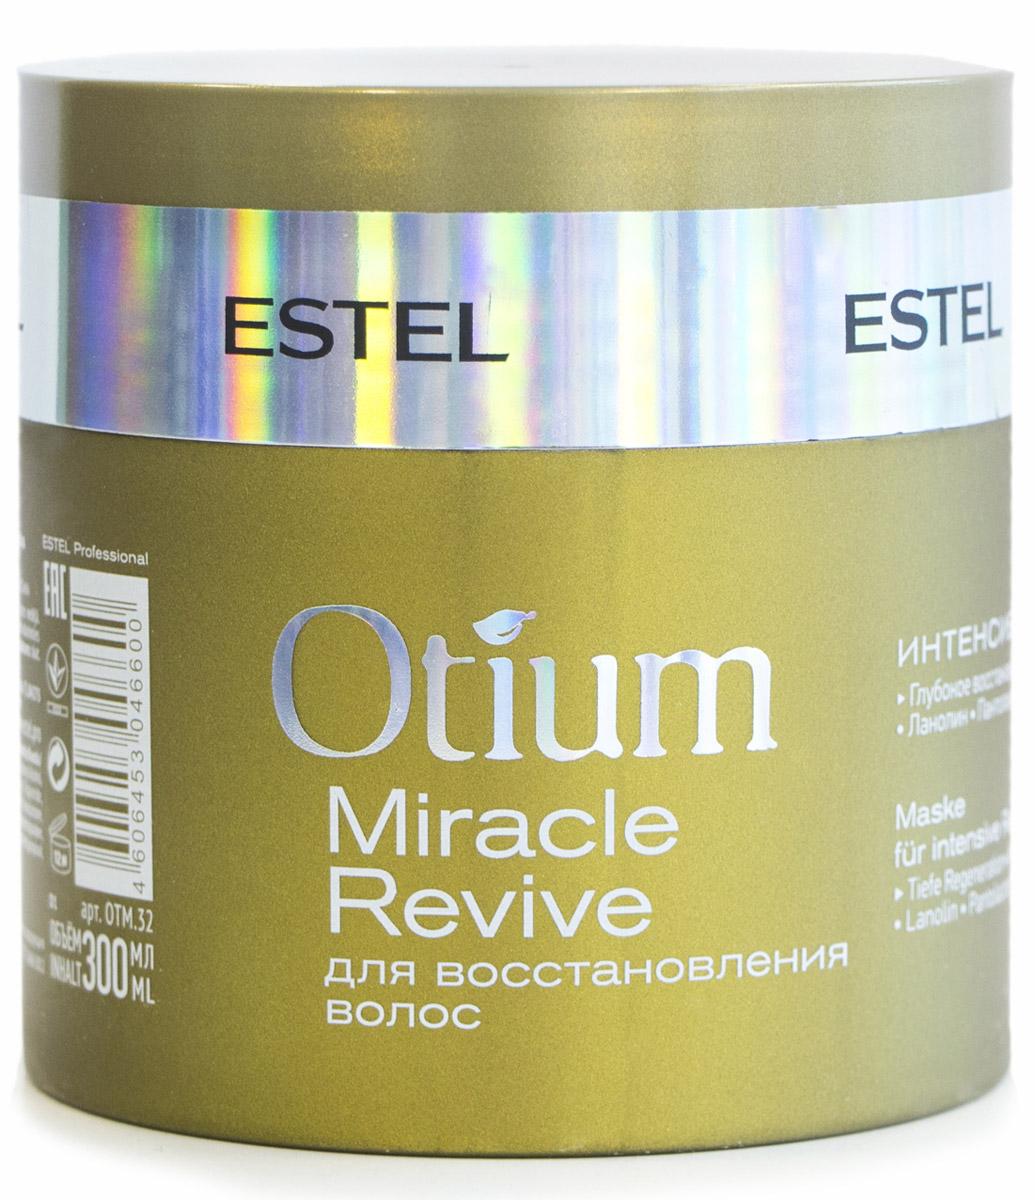 Estel Интенсивная маска для восстановления волос Otium Miracle Revive, 300 мл, Estel Professional